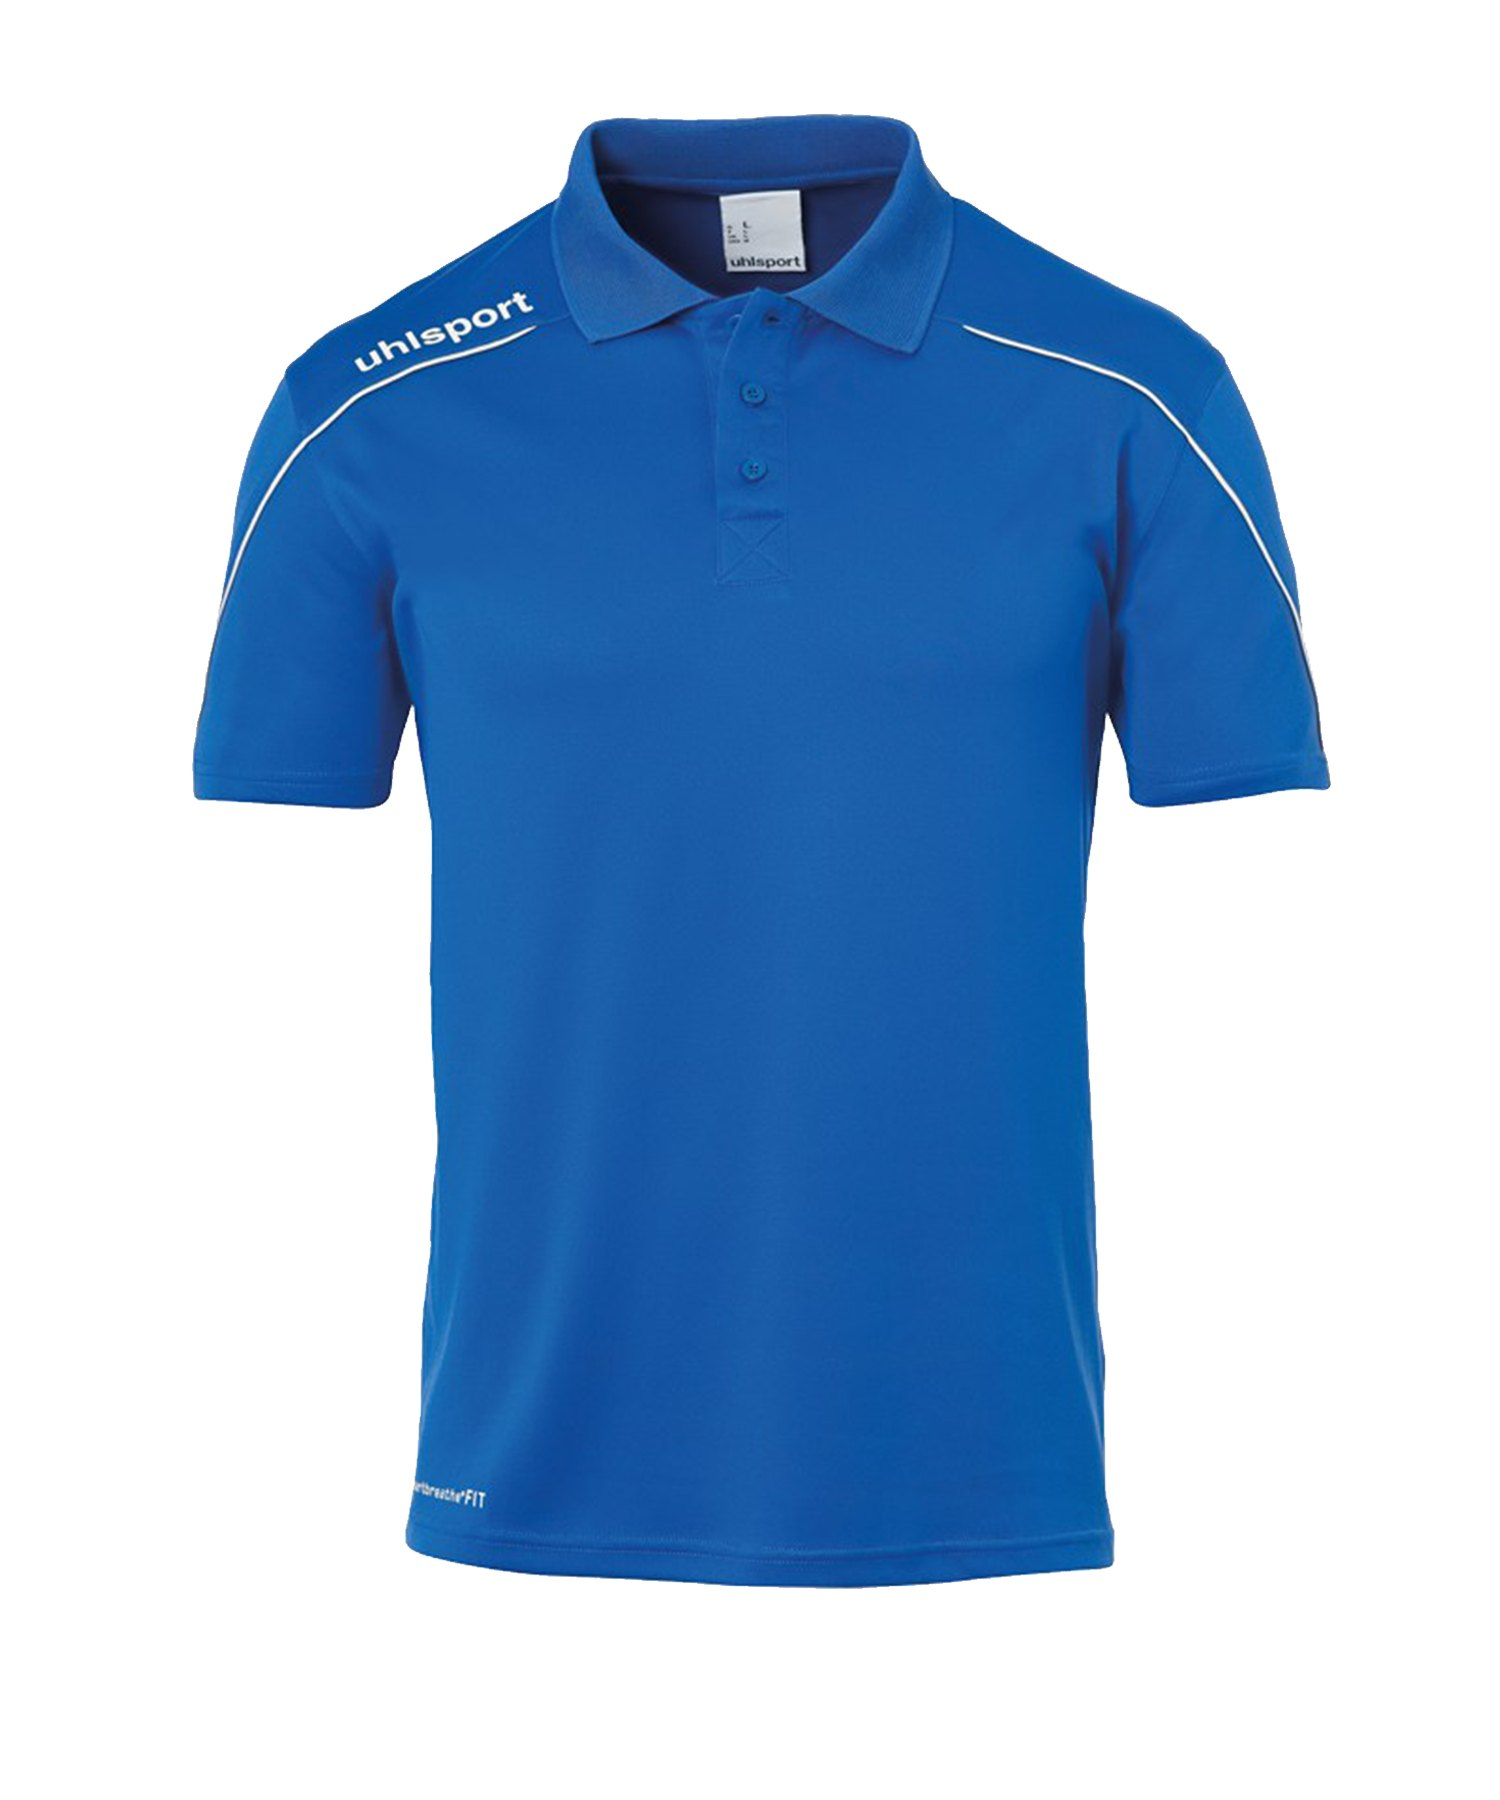 Uhlsport Stream 22 Poloshirt Blau Weiss F03 - Blau